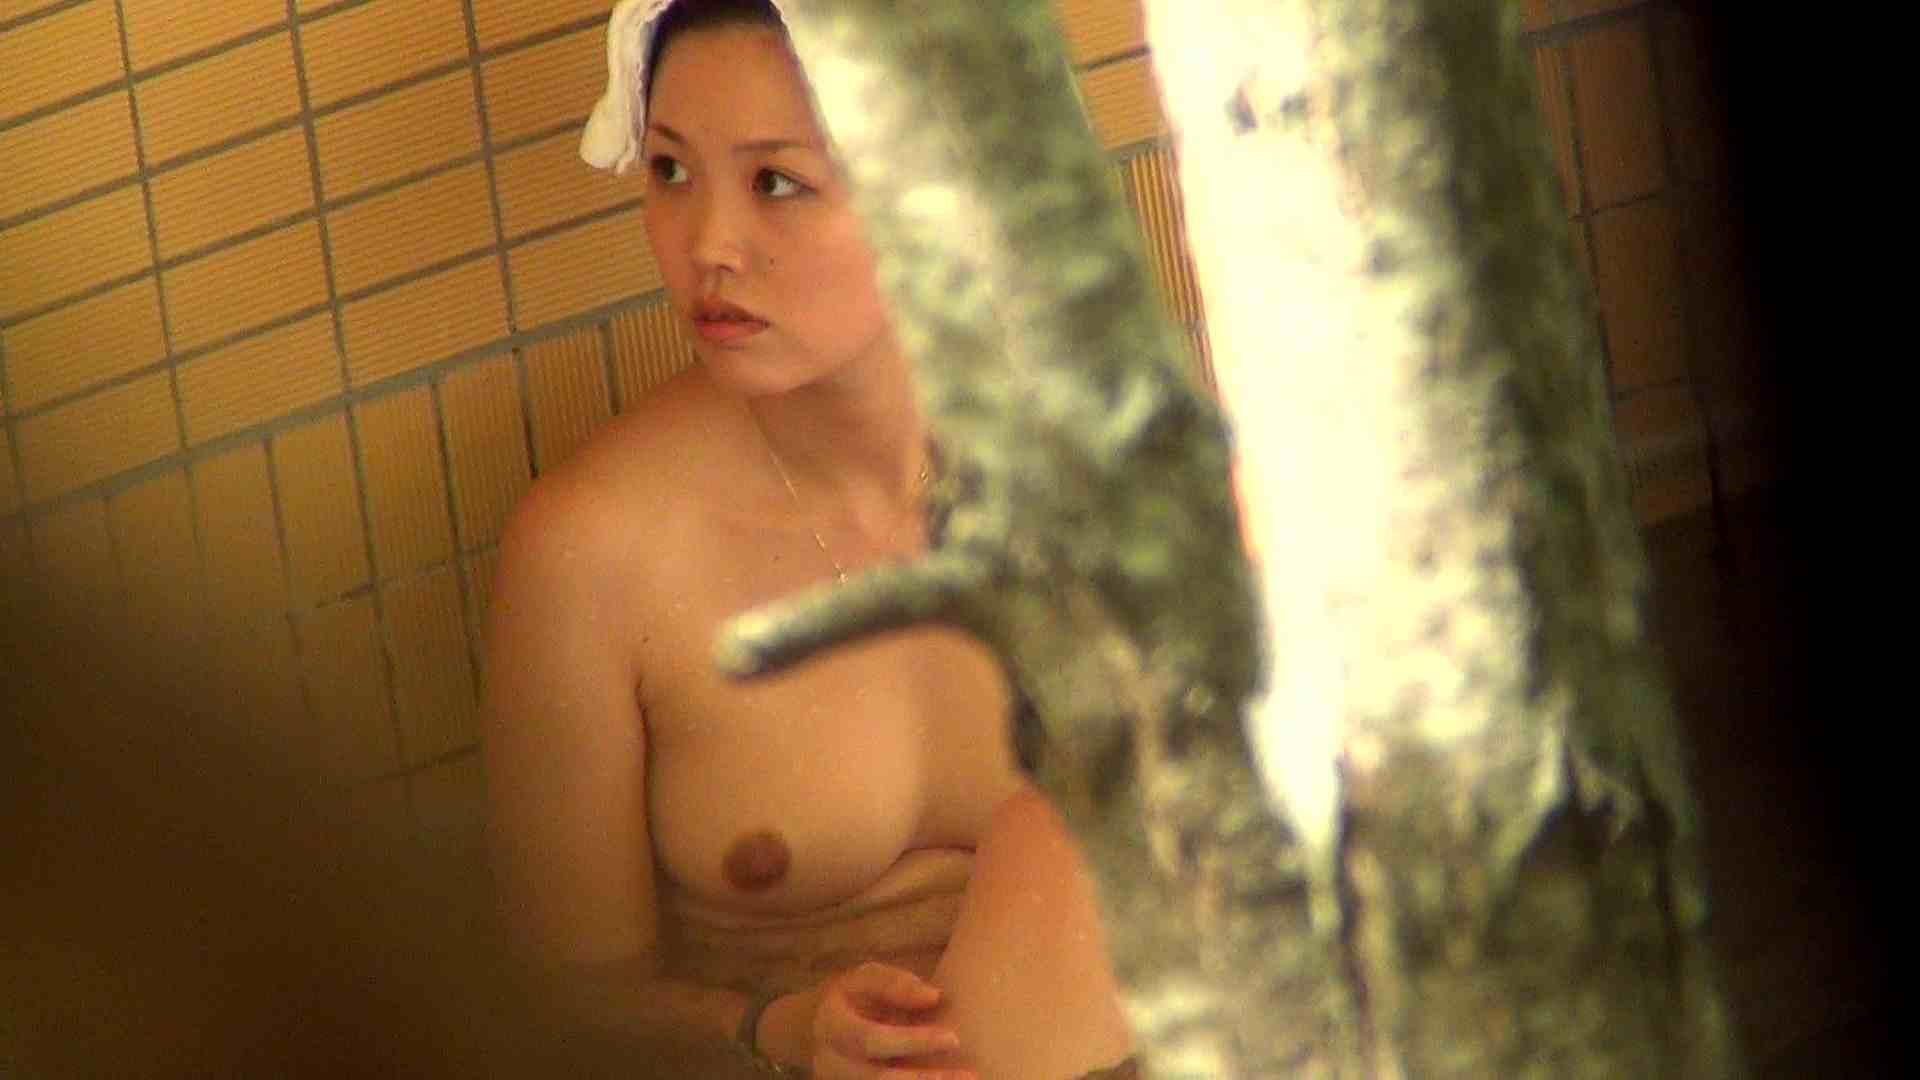 Vol.53 微妙に緩んだ下半身がいい味出してるむっちりお女市さま 美肌   美女H映像  106画像 102